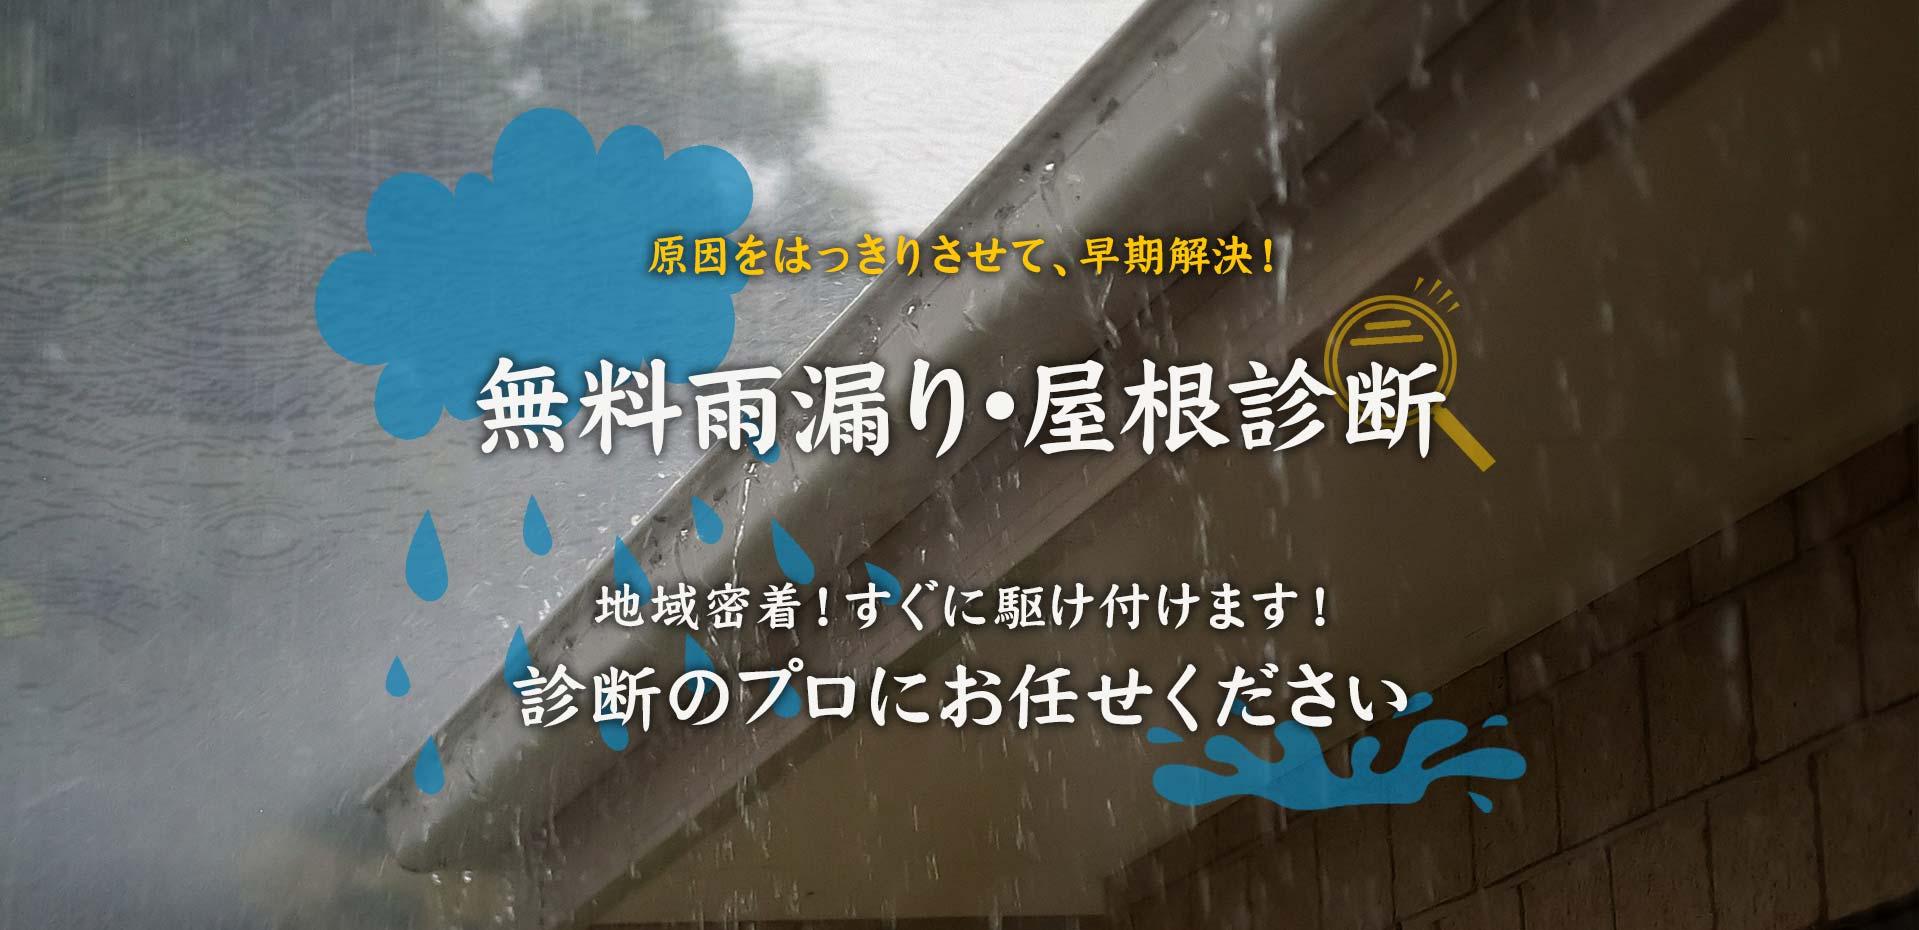 雨漏り・屋根診断